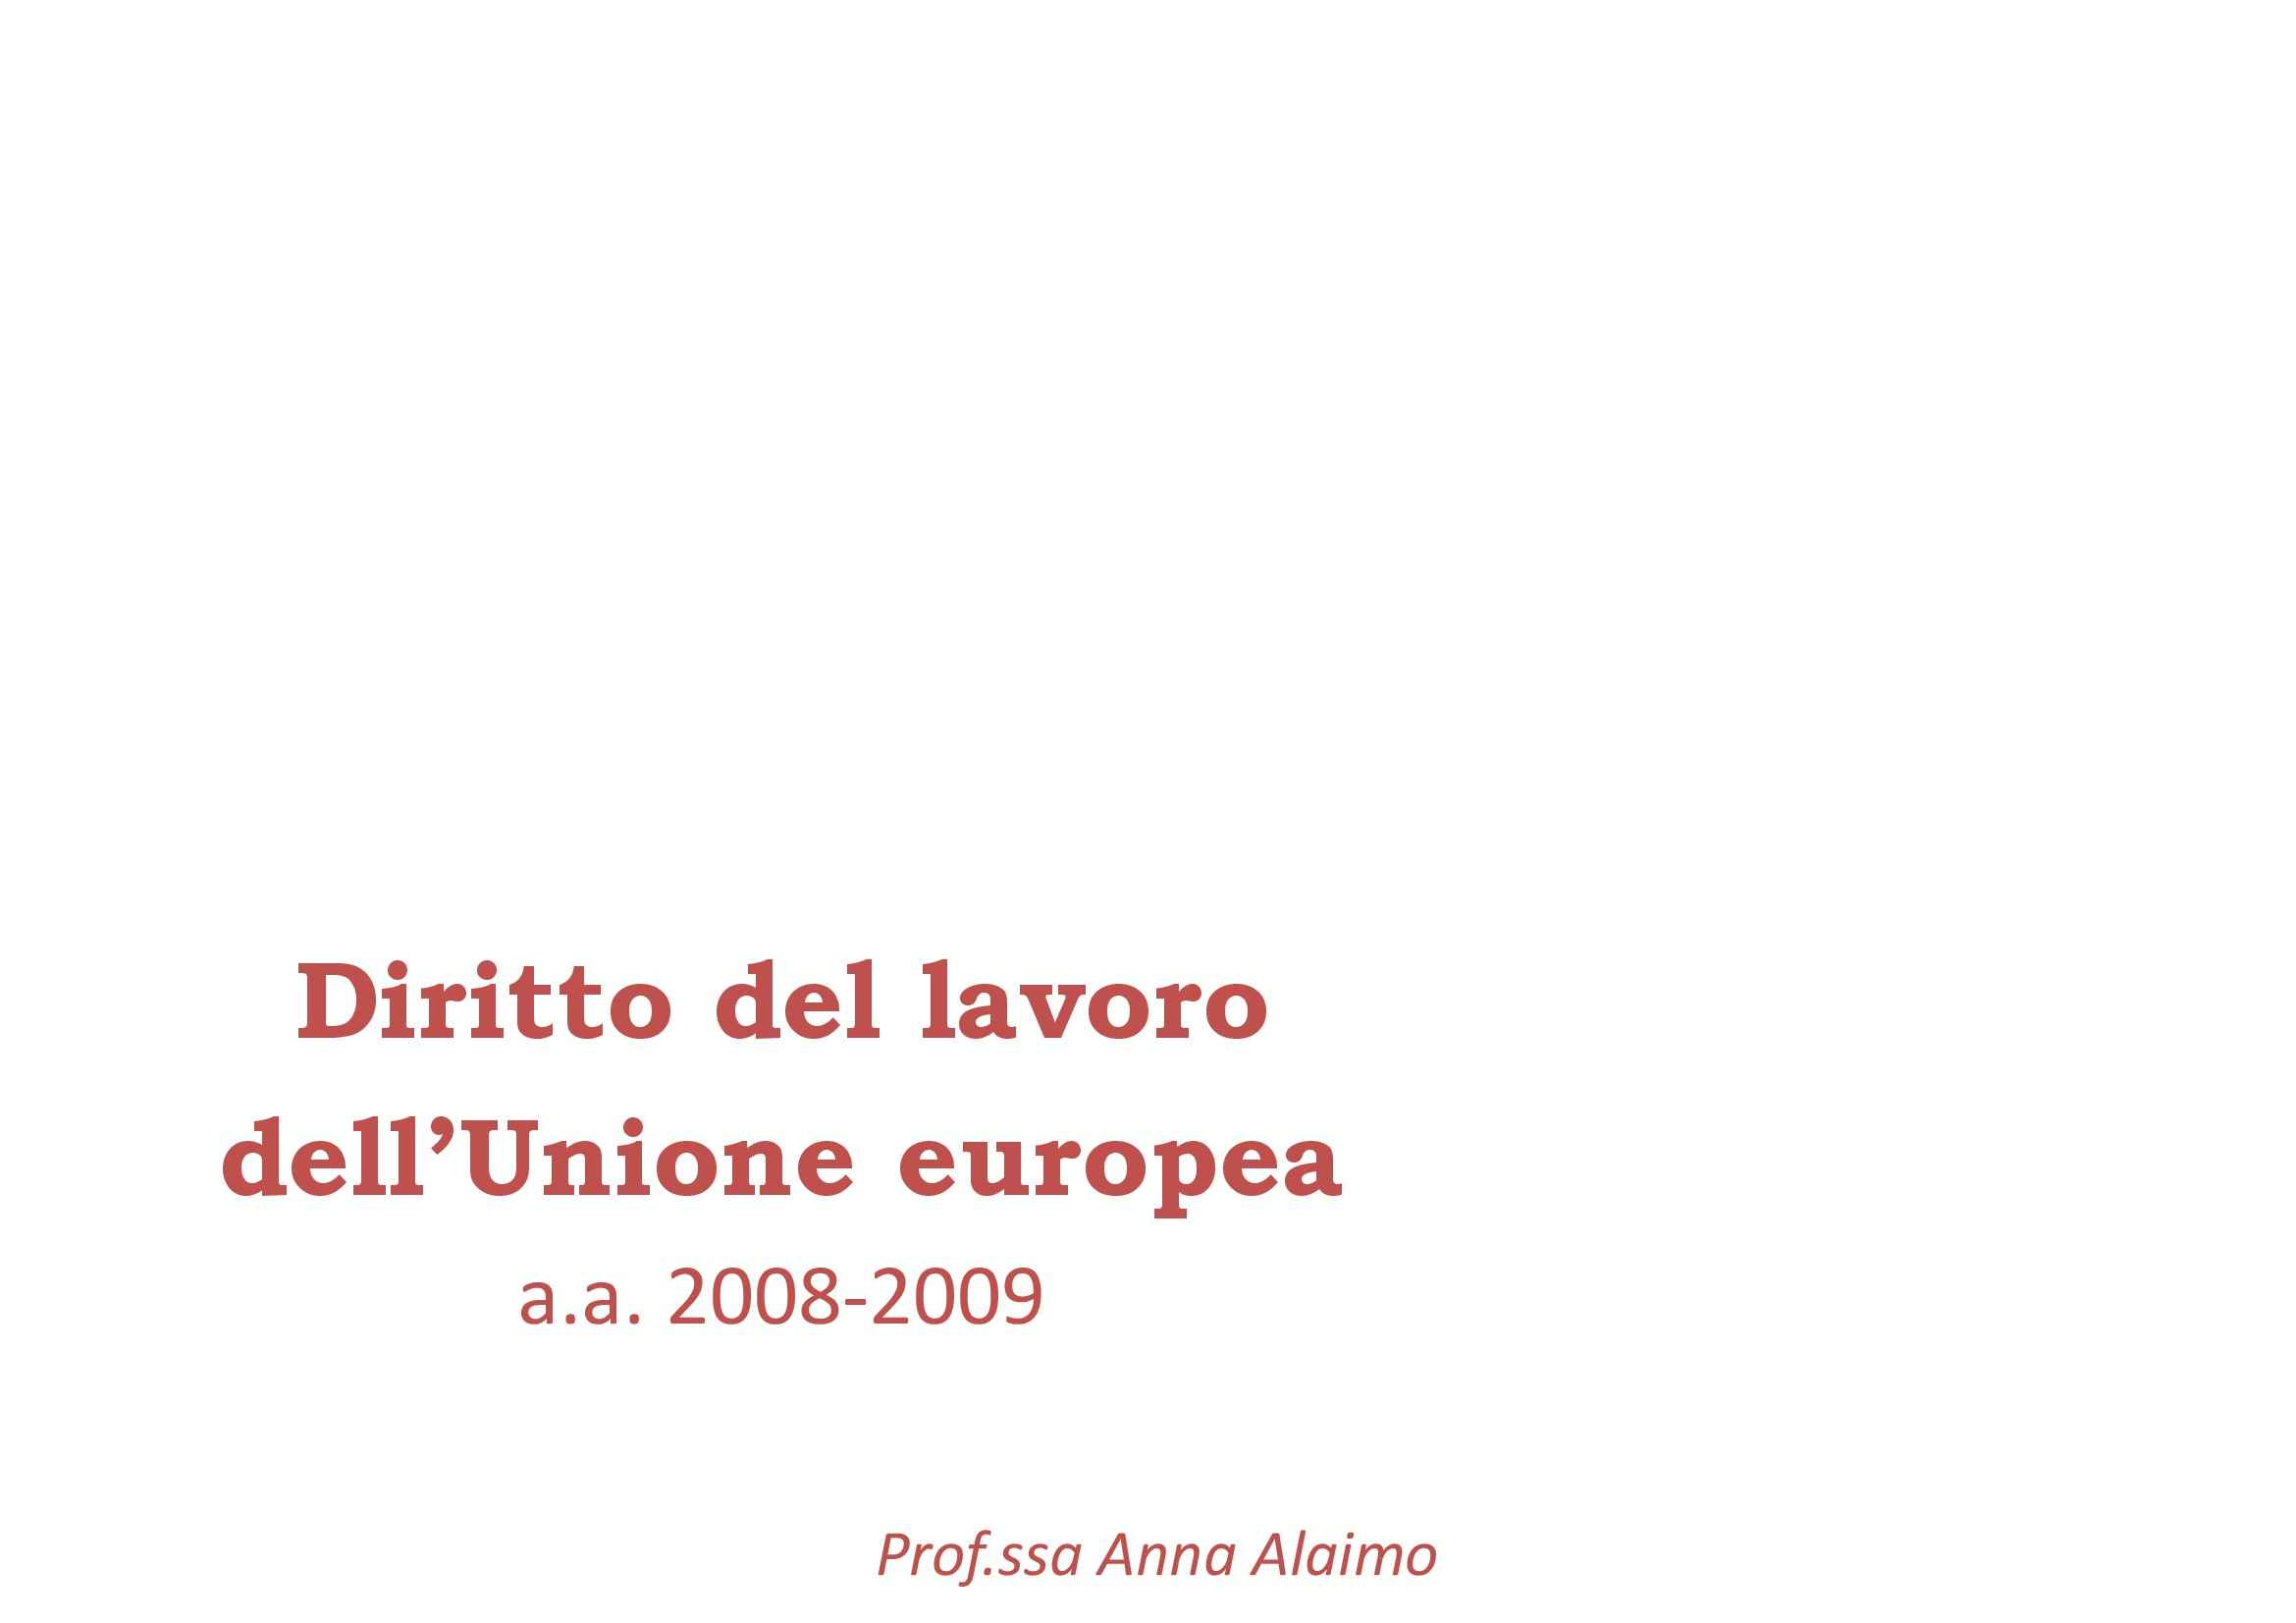 Diritto del lavoro e dell'Unione Europea, Roccella, Treu